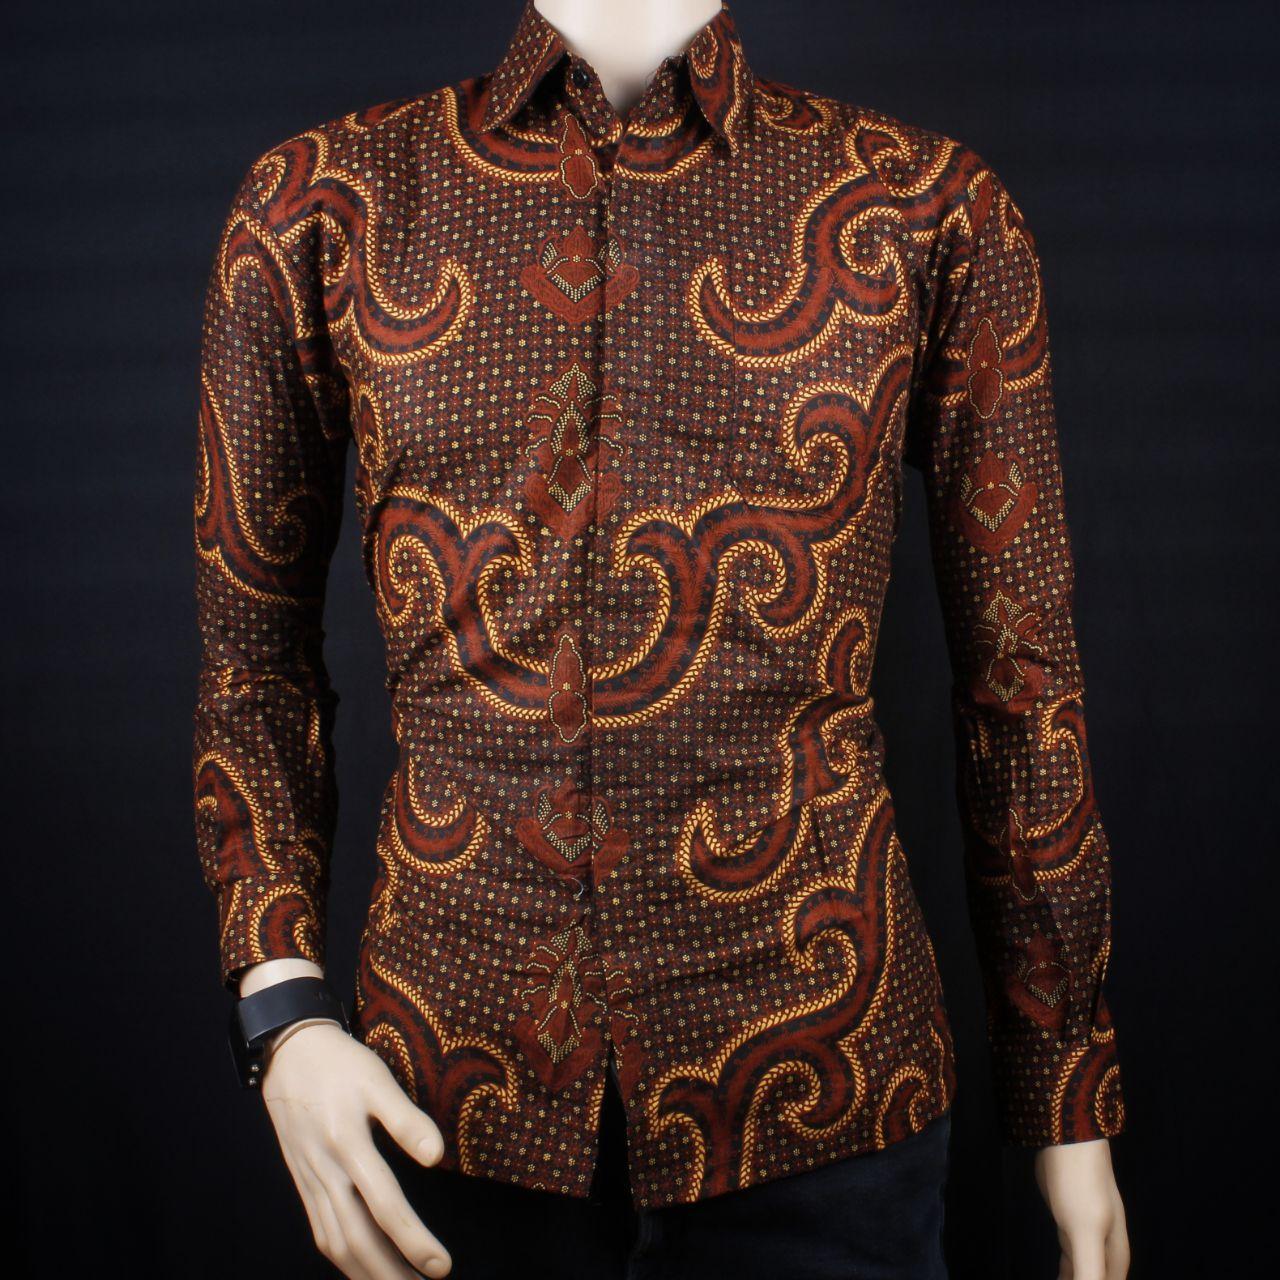 Baju Batik Pria Lengan Panjang   Kemeja Batik Pria Lengan Panjang Casual  Modern   Azka Batik 4bce4f652b